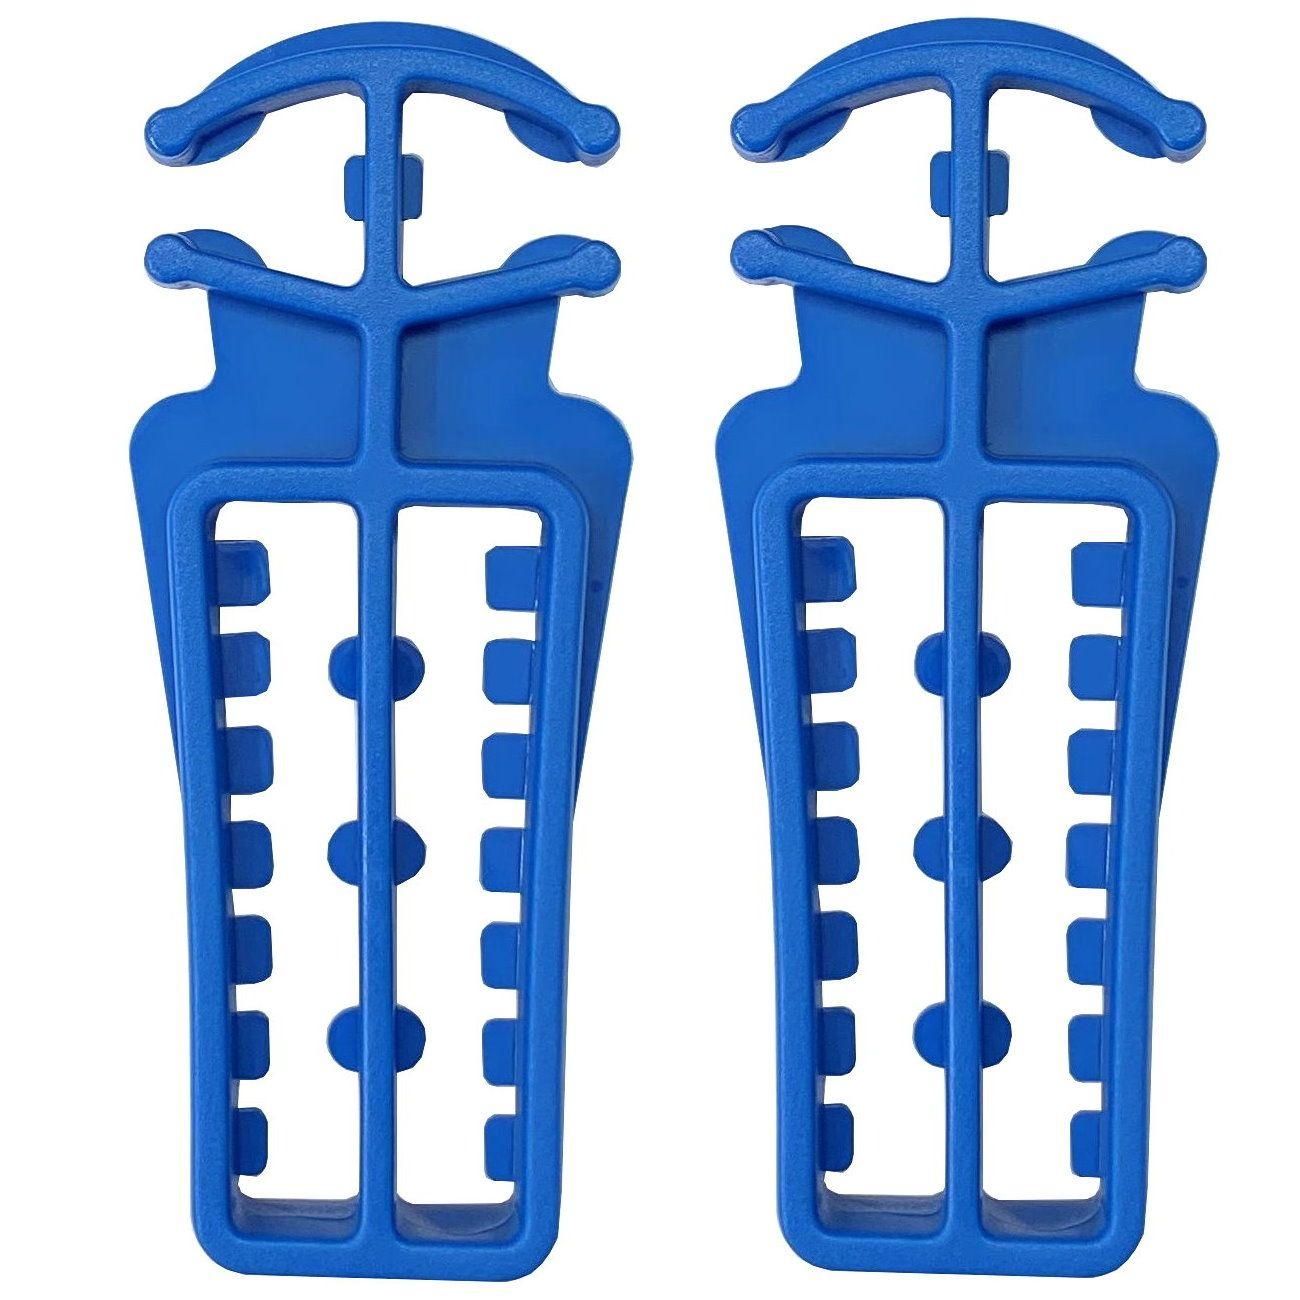 REX Langlauf Ski- und Stockhalter, blau